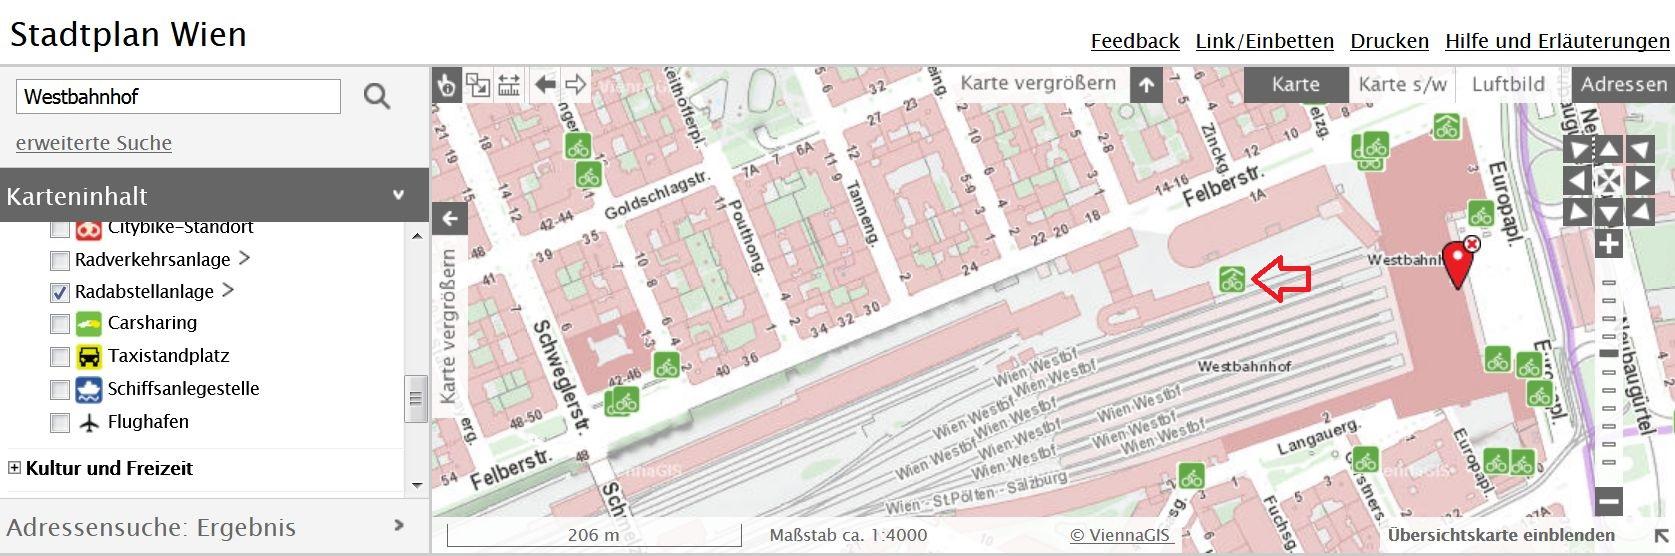 Ausschnitt des Stadtplans für Wien in dem die Bike & Ride Anlage beim Westbahnhof eingezeichnet ist